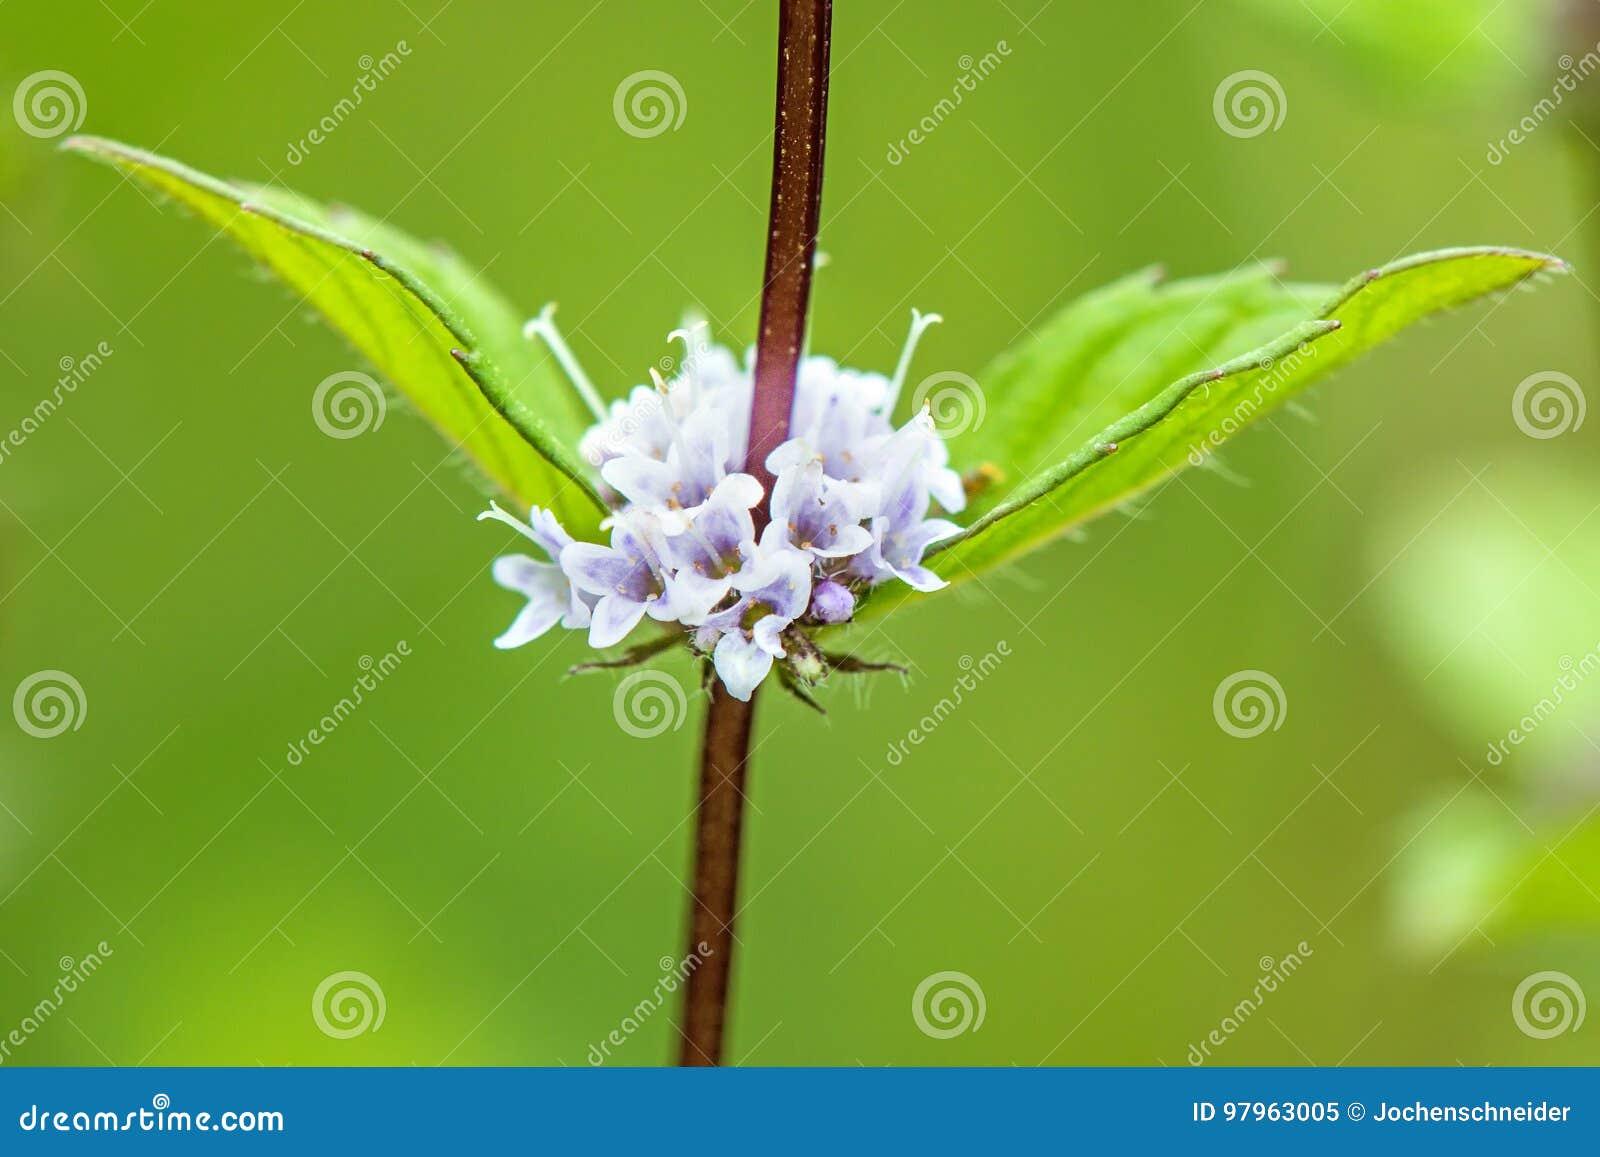 Pepparmint som är pennyroyal med blomman